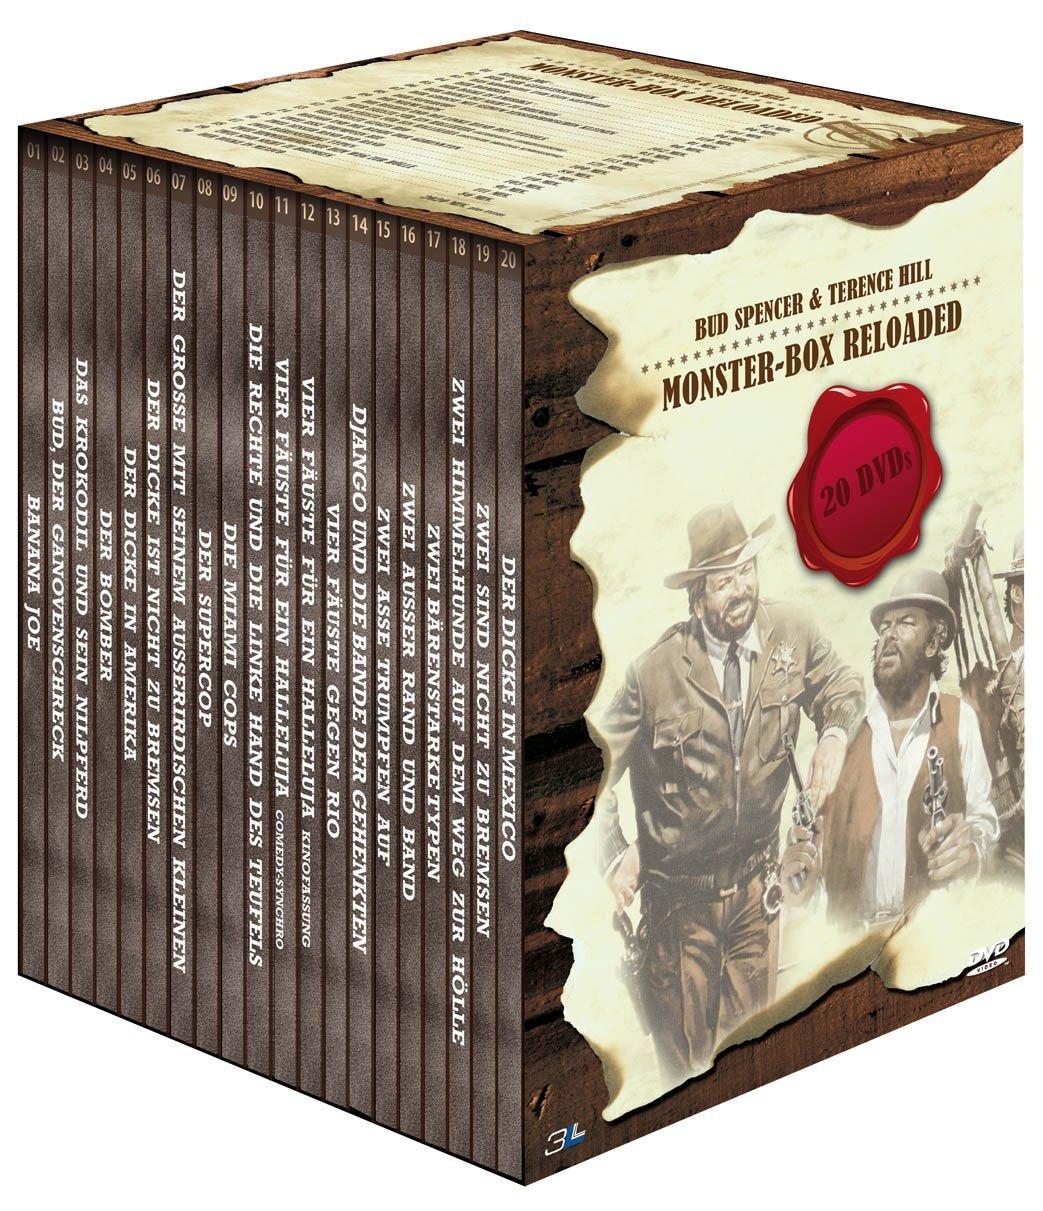 Bud Spencer & Terence Hill – Monster-Box Reloaded [20 DVDs]